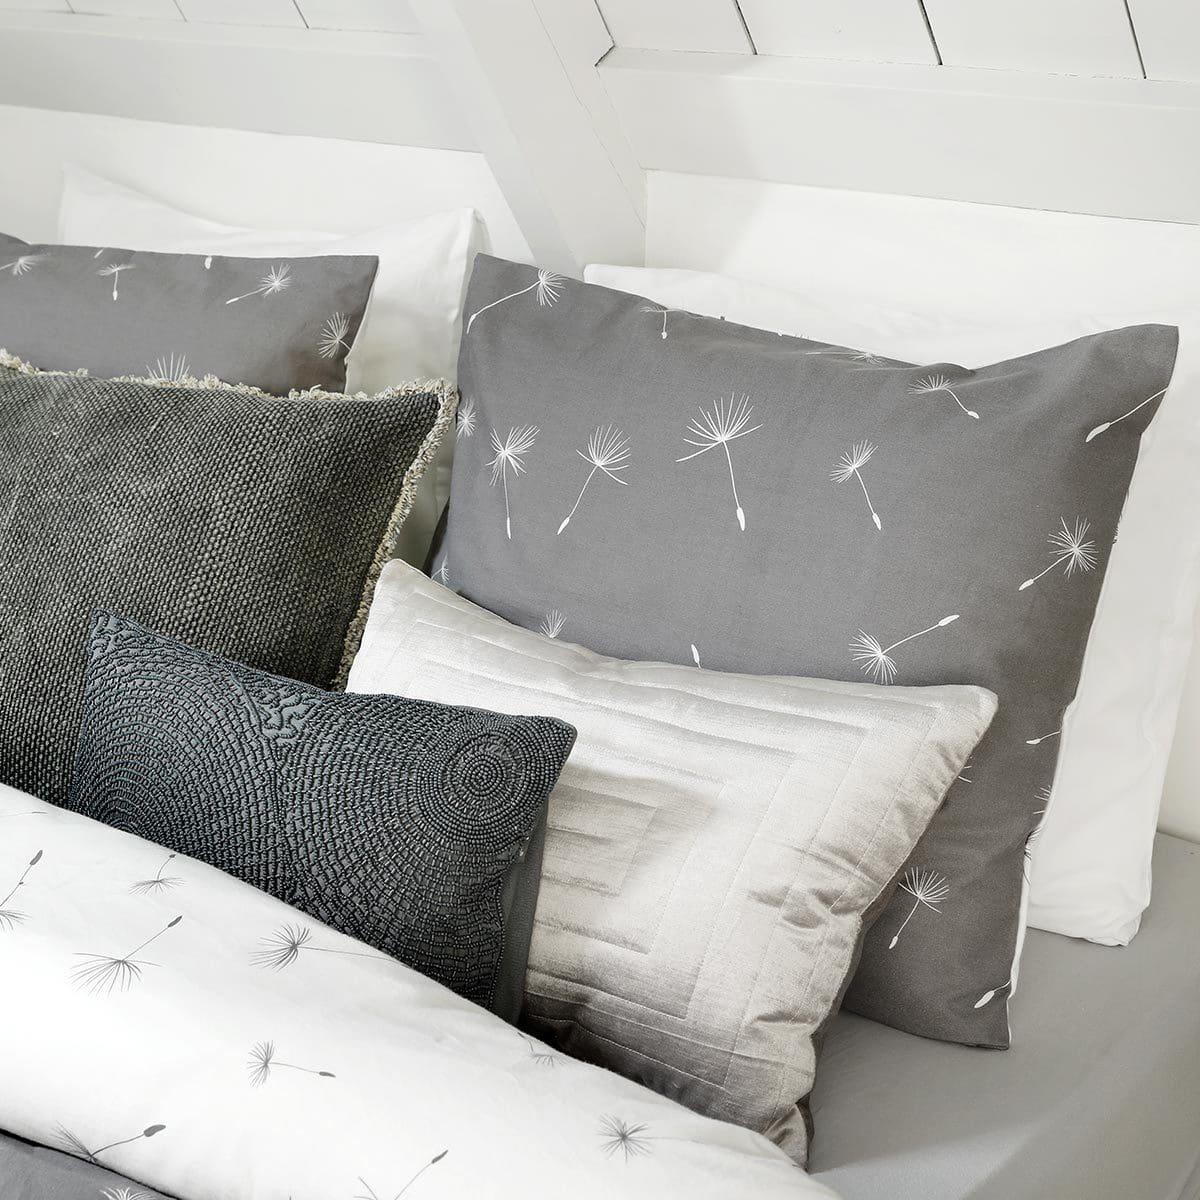 walra flanell bettw sche wishes g nstig online kaufen bei bettwaren shop. Black Bedroom Furniture Sets. Home Design Ideas